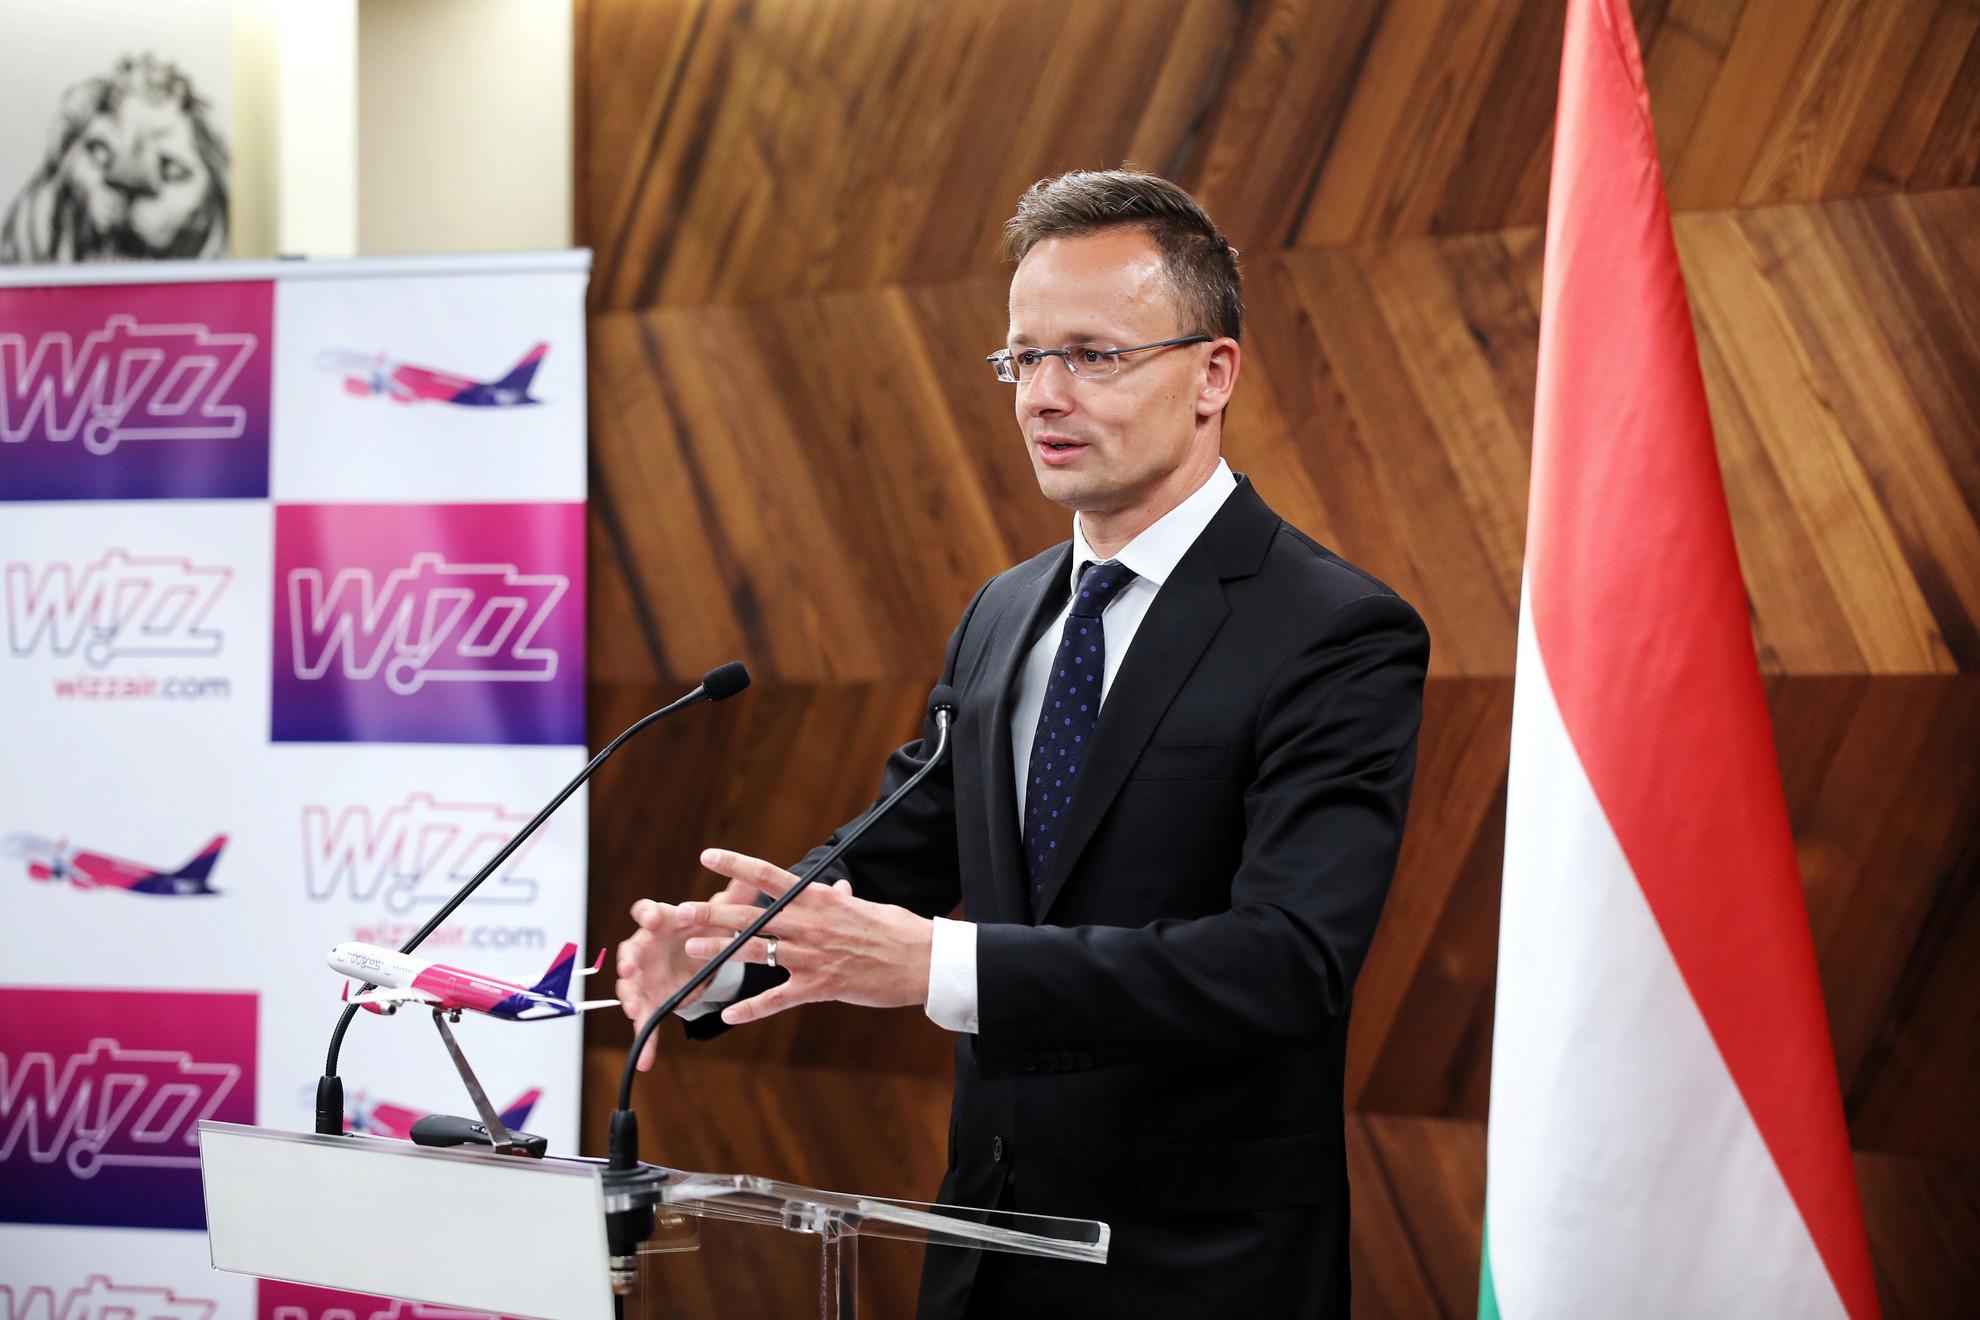 Szijjártó Péter Magyarország alapvető érdekének nevezte, hogy gyors és hatékony összeköttetései legyenek a világgal